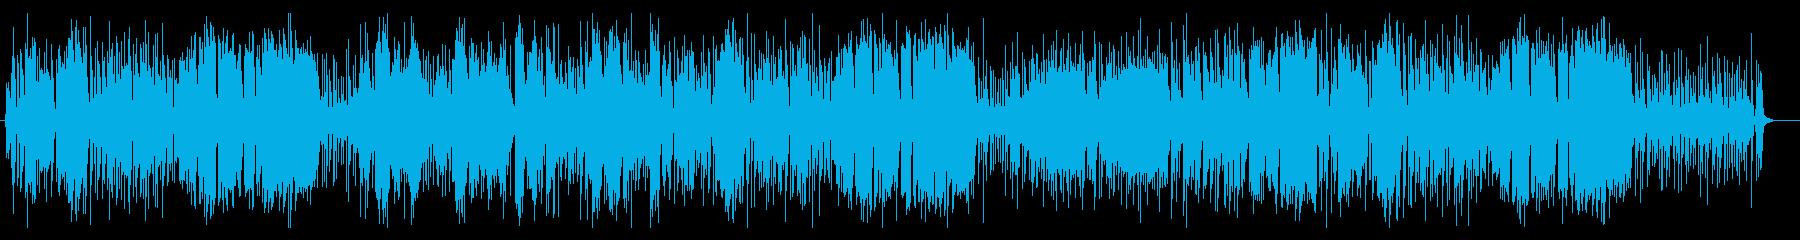 軽やかなバイオリンフルート系サウンドの再生済みの波形